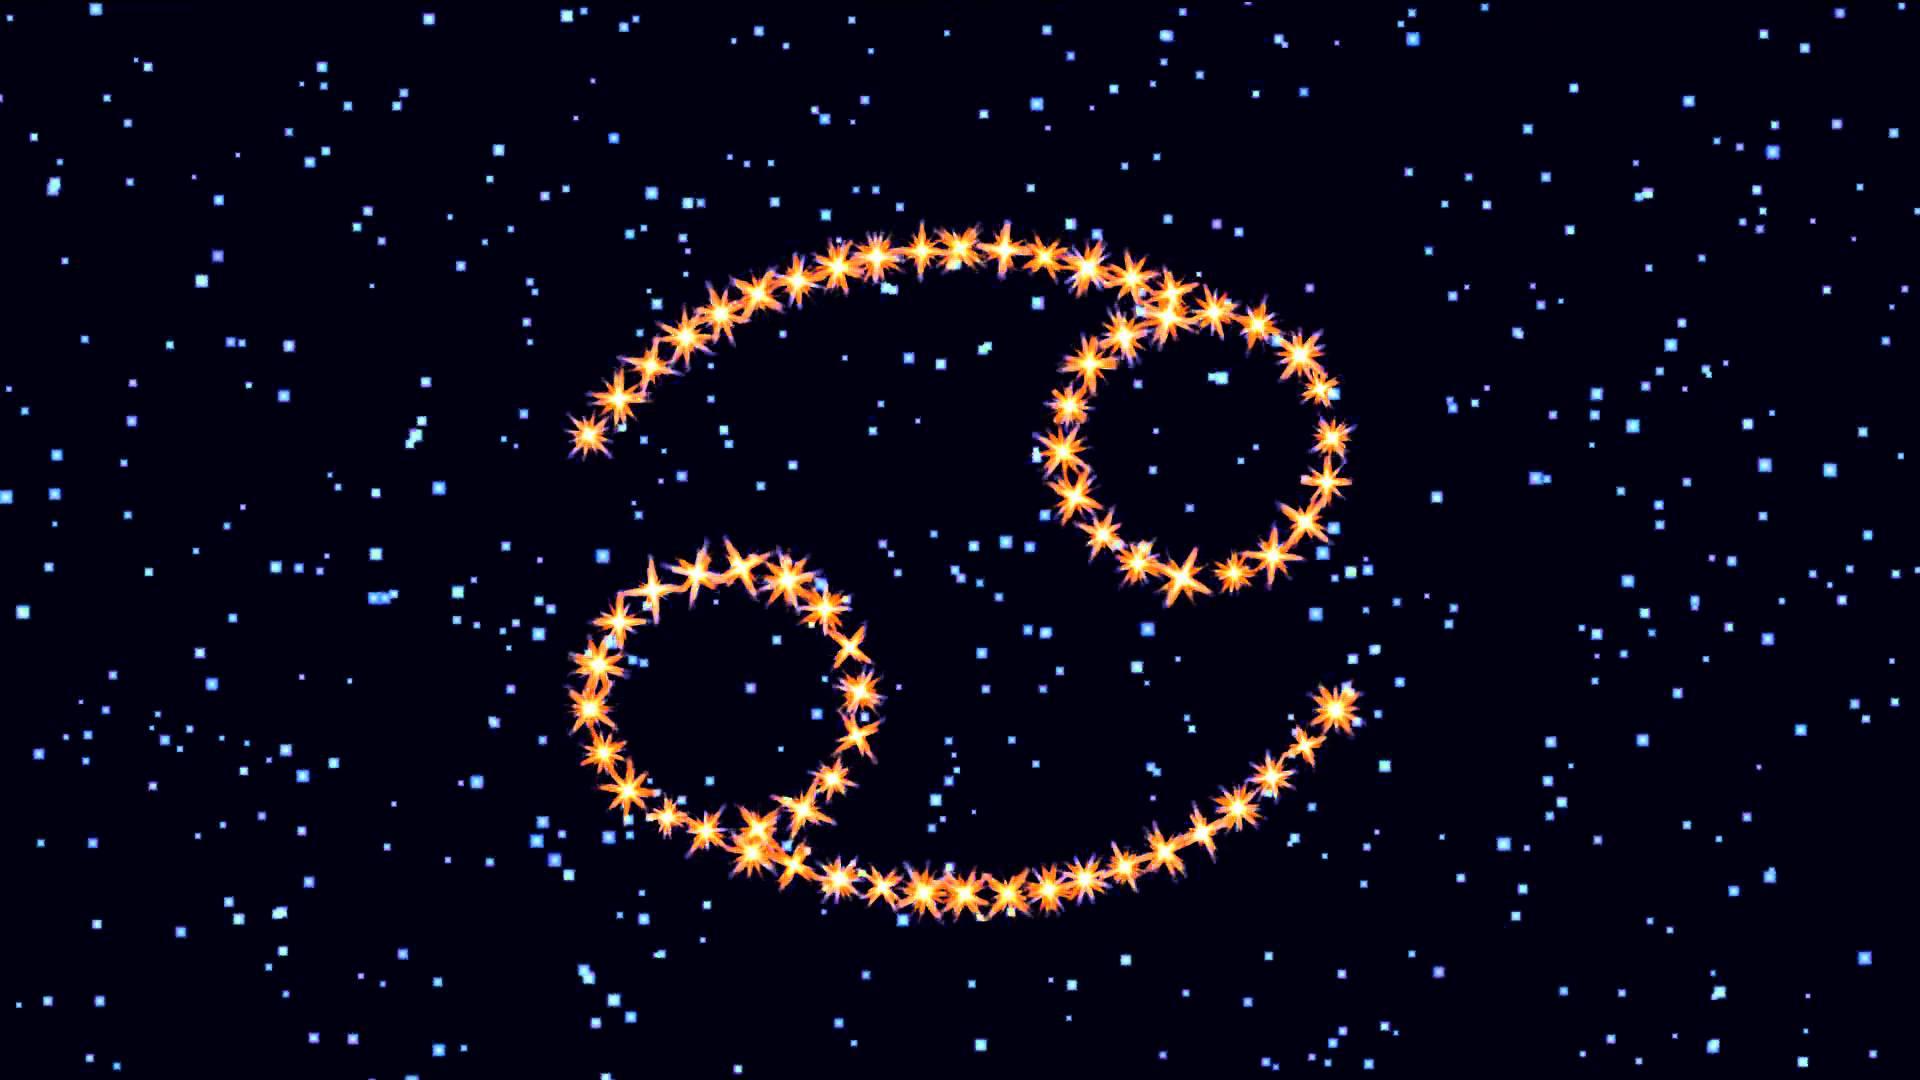 Представителей трех знаков зодиака астрологи считают идеальными женами